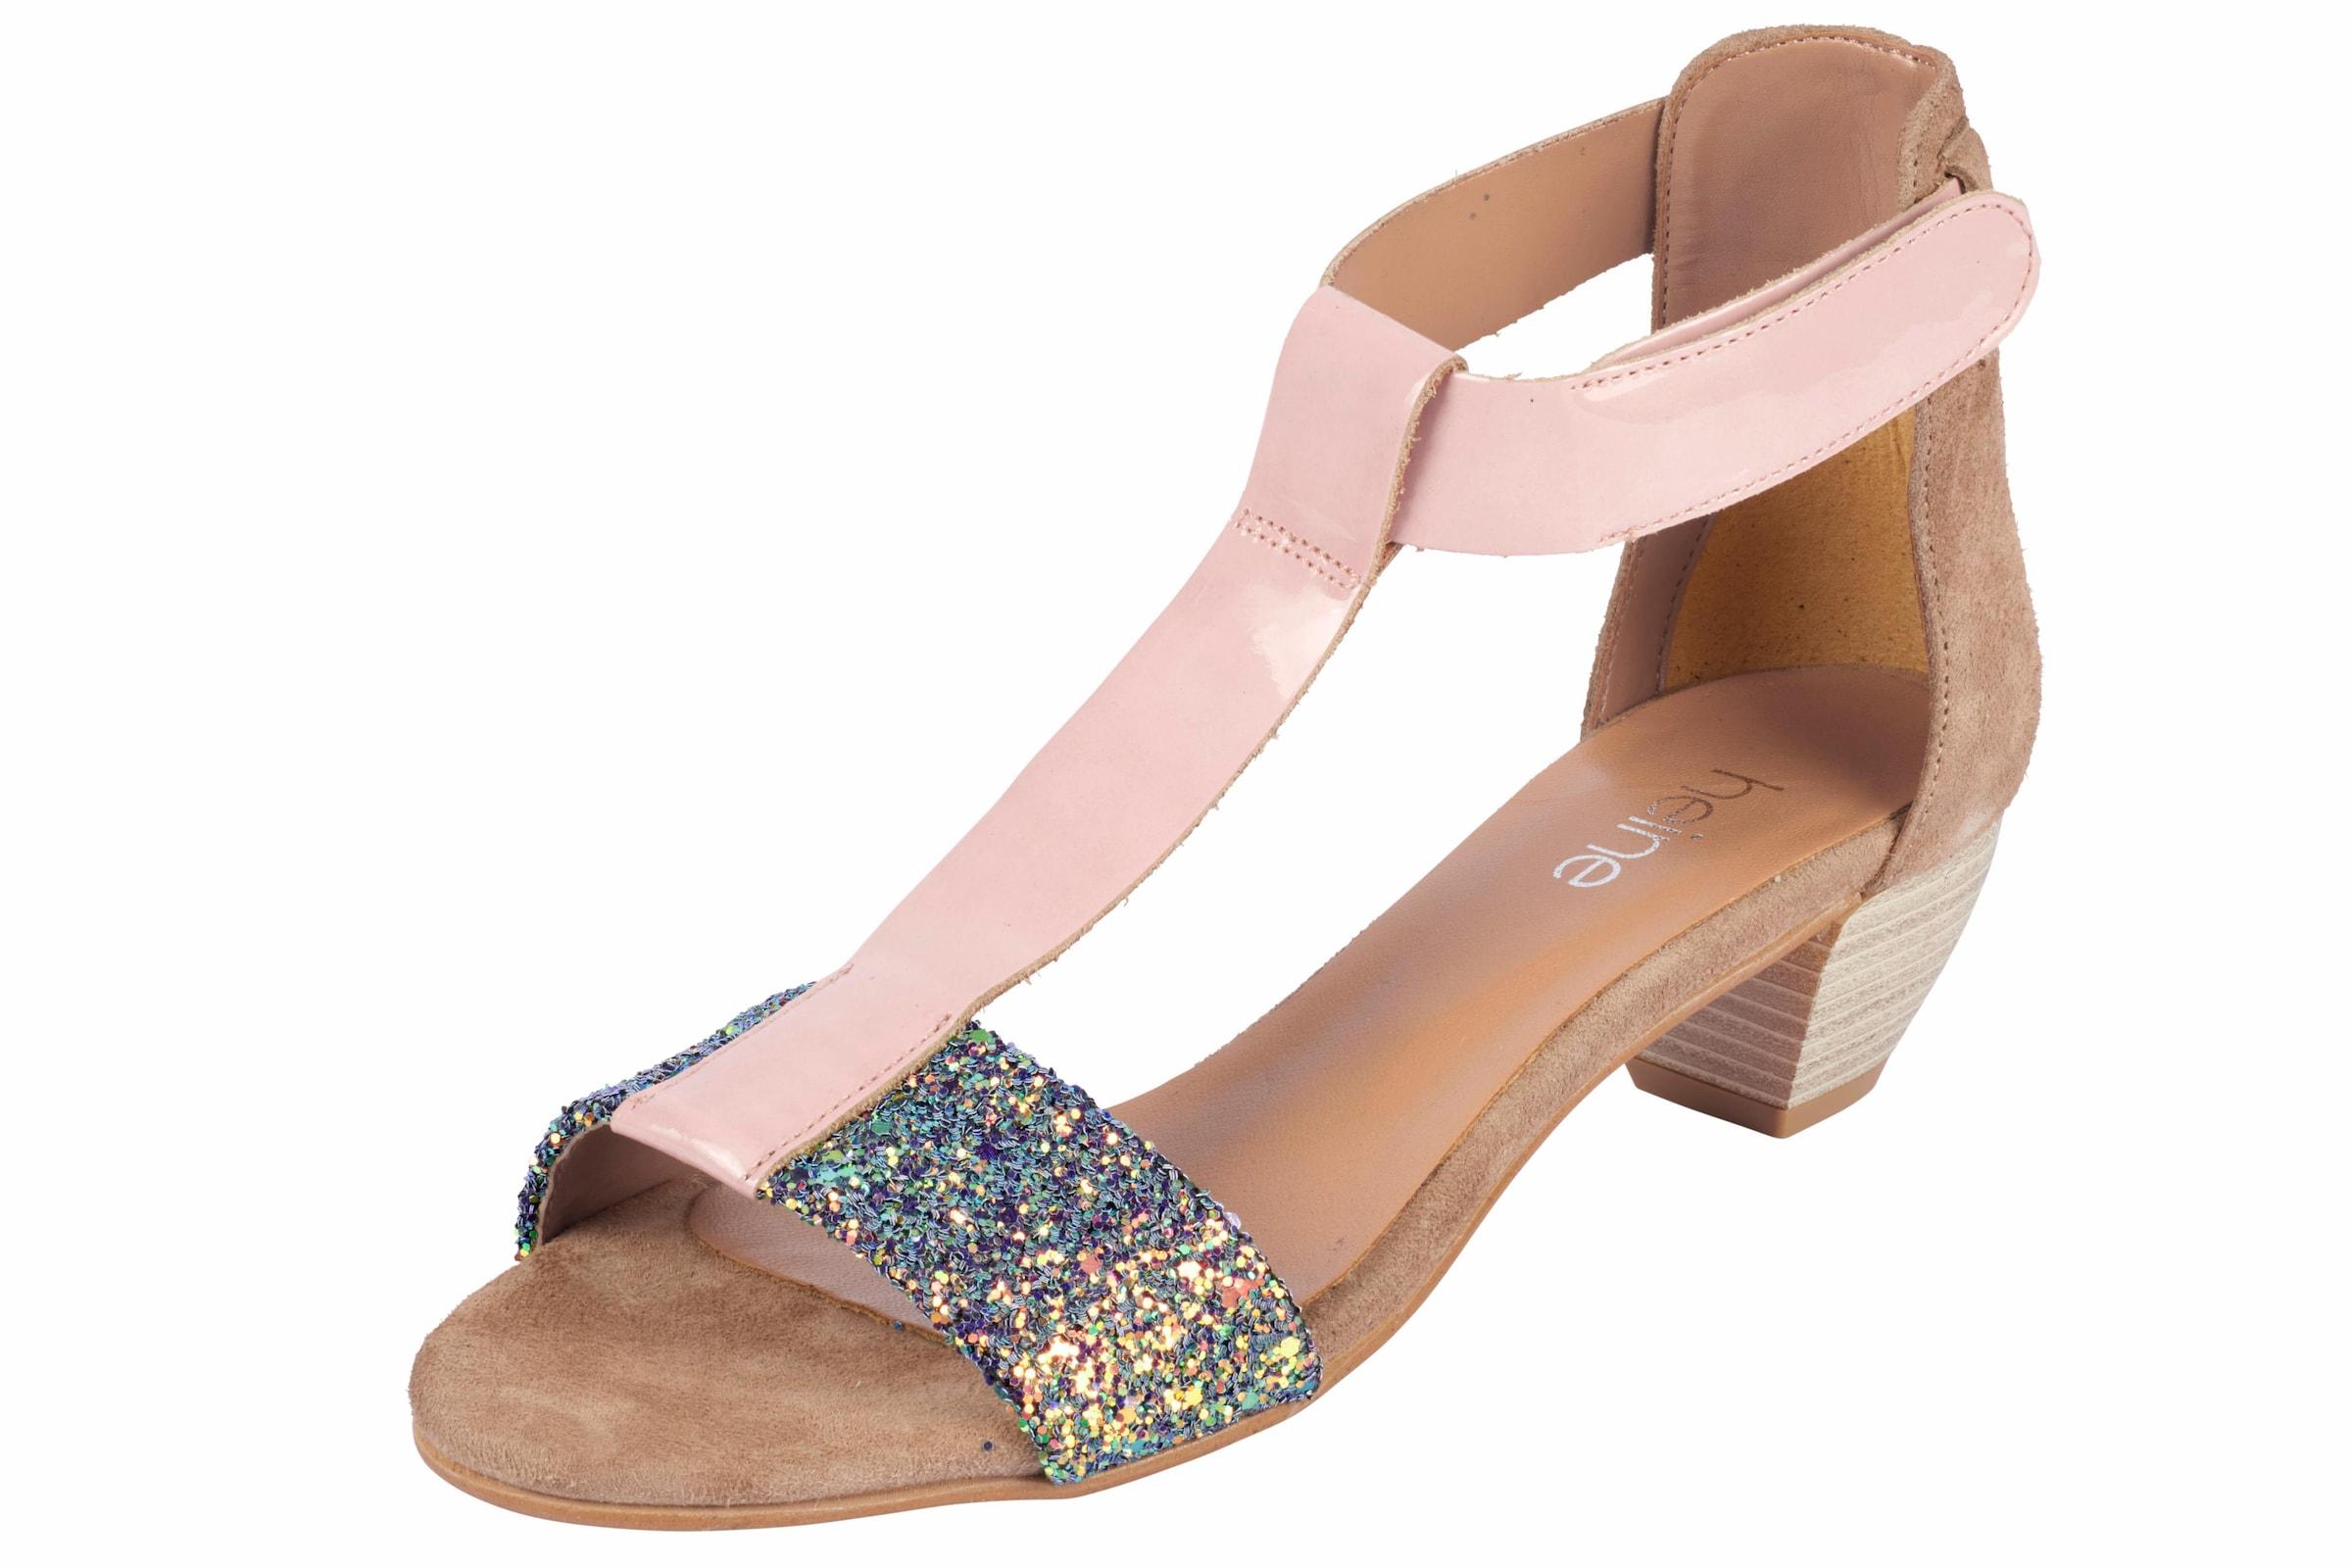 heine Sandalette mit Glitter Günstige und langlebige Schuhe